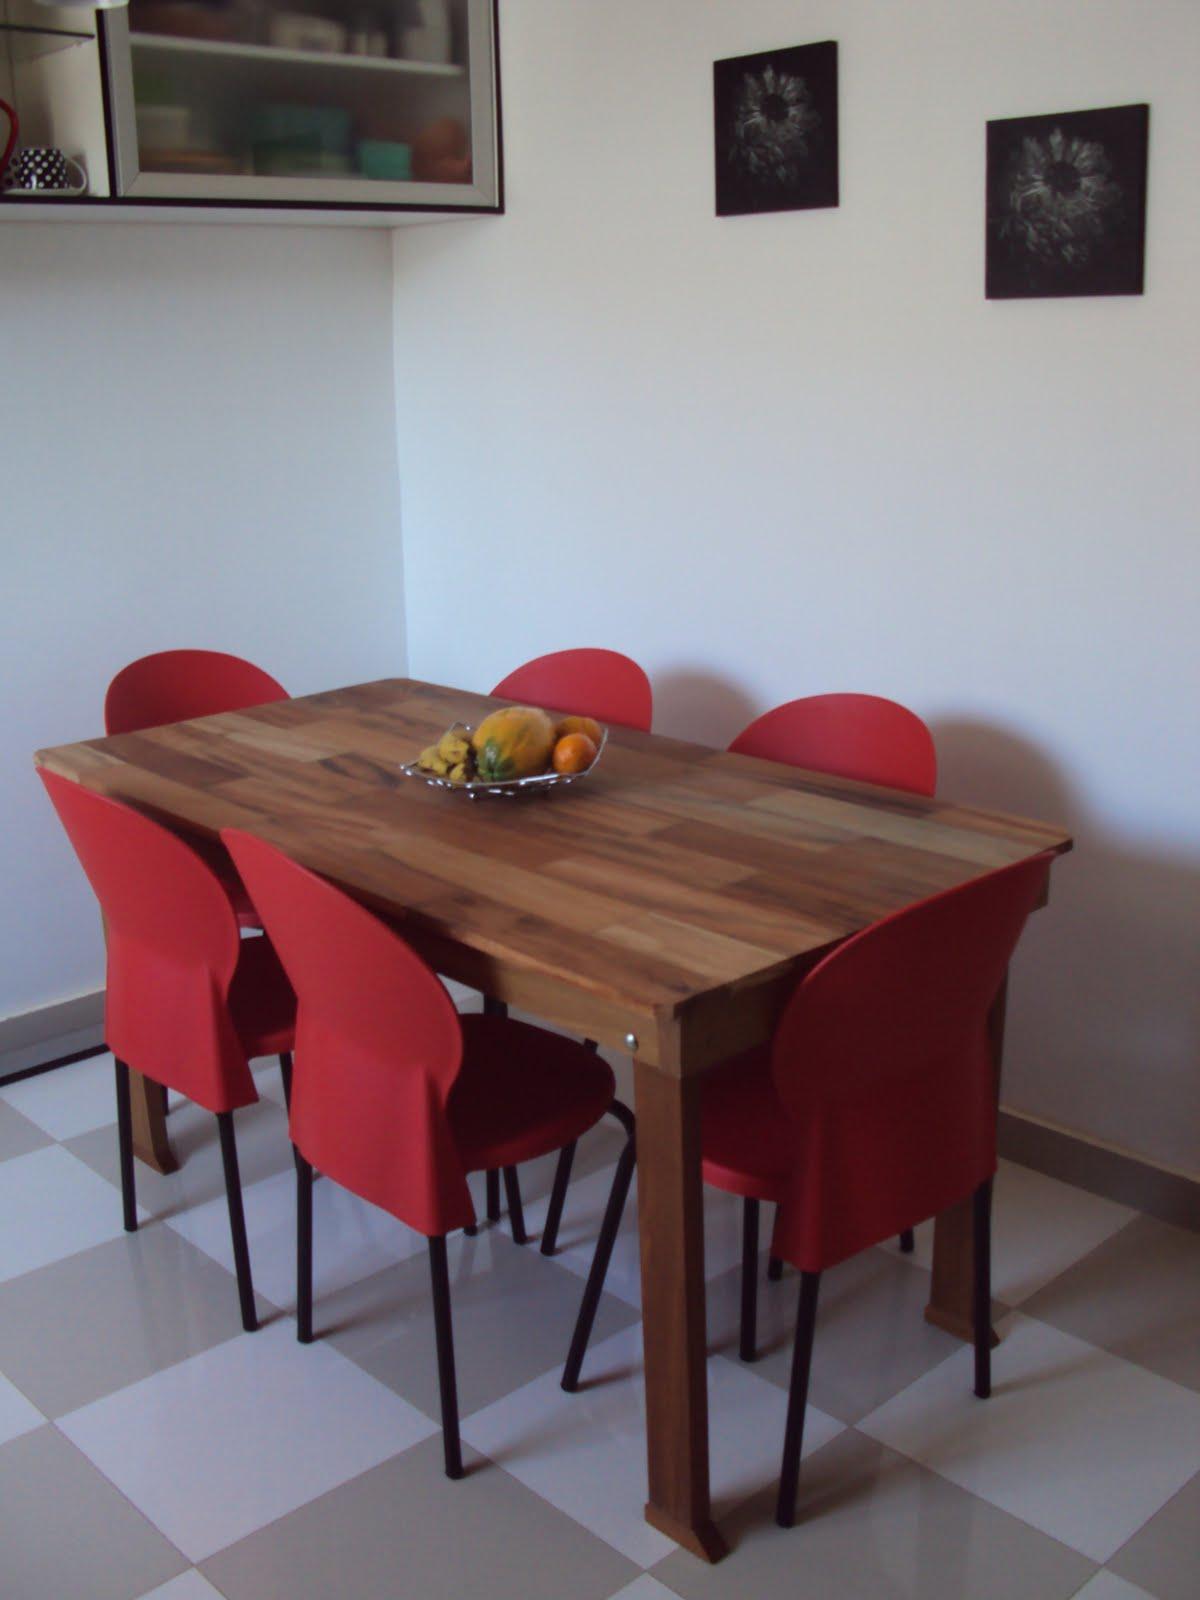 se fosse na minha casa: Nossa cozinha já tem mesa e cadeiras #793A39 1200x1600